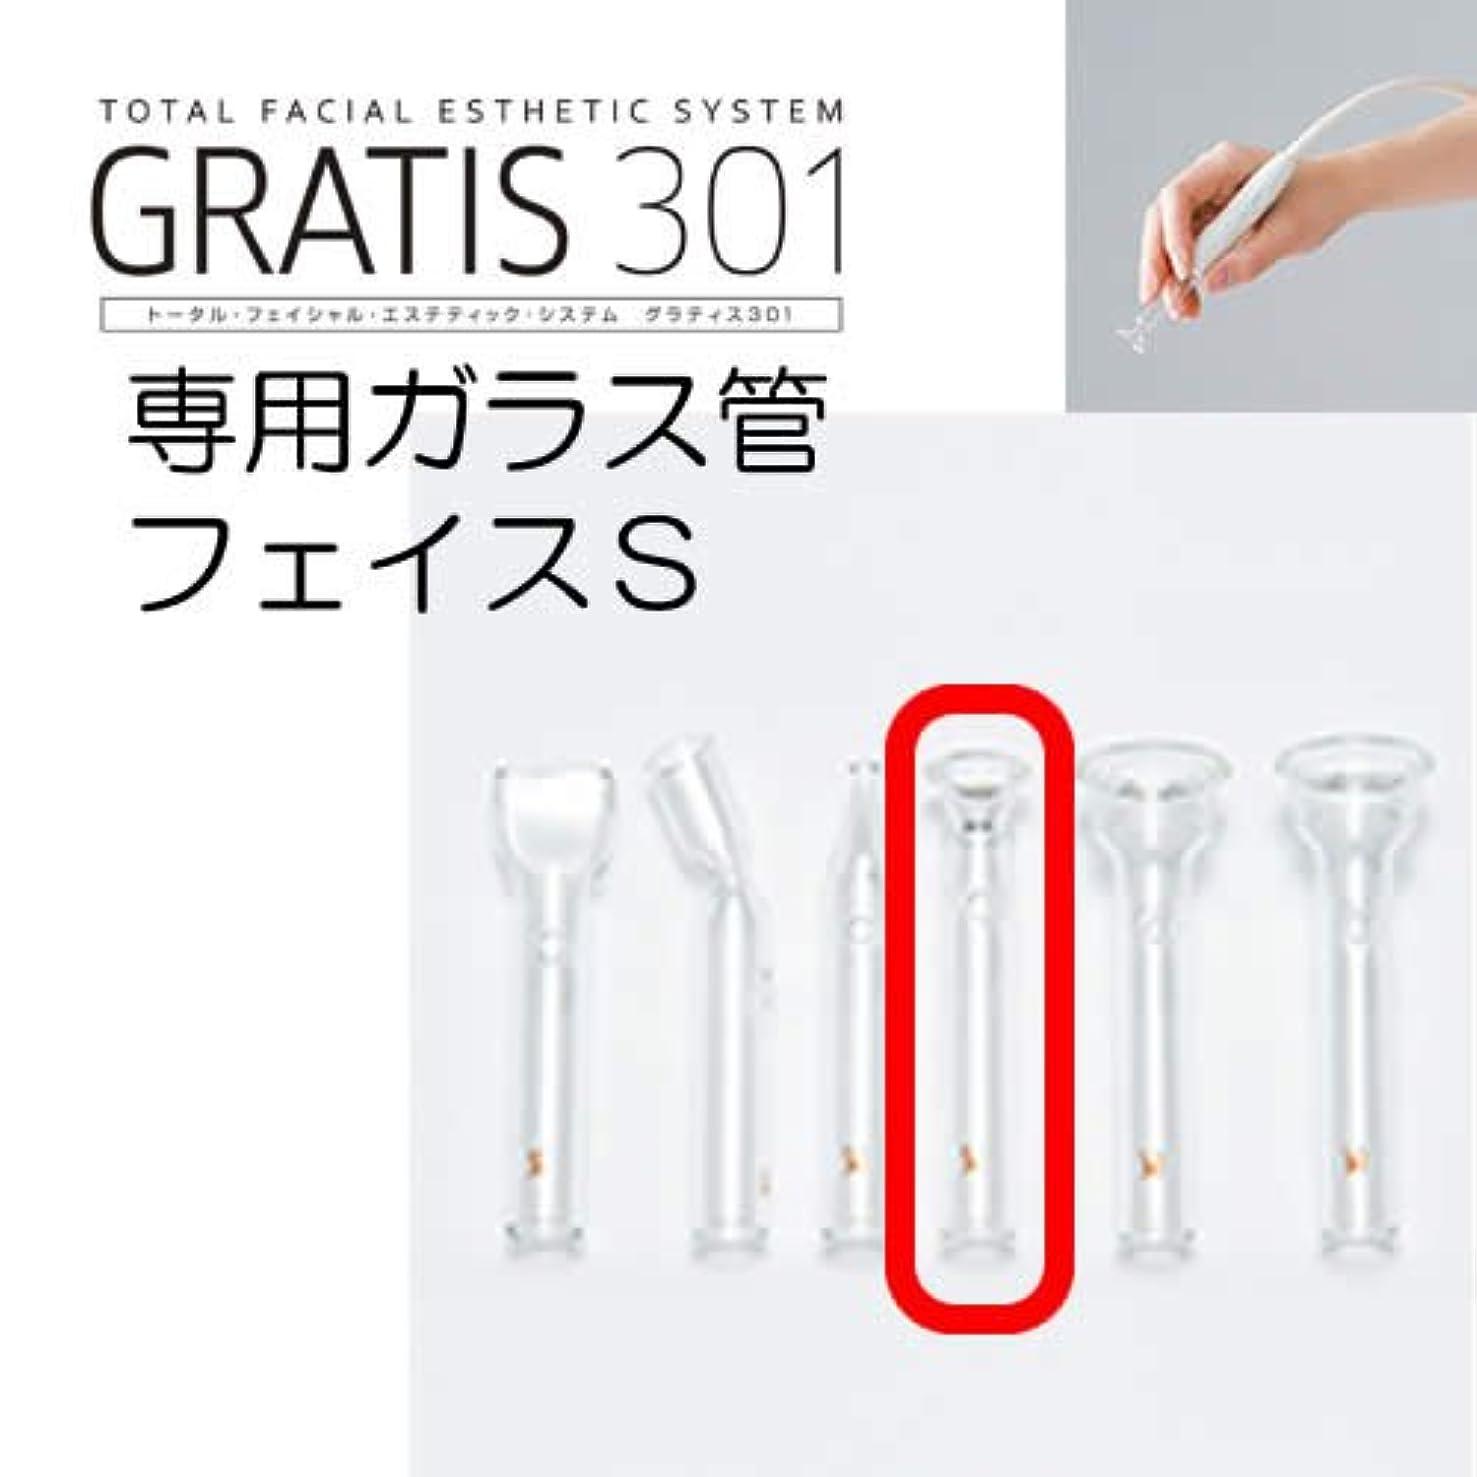 支配する雑草アラブ人GRATIS 301(グラティス301)専用ガラス管 フェイスS(2本セット)